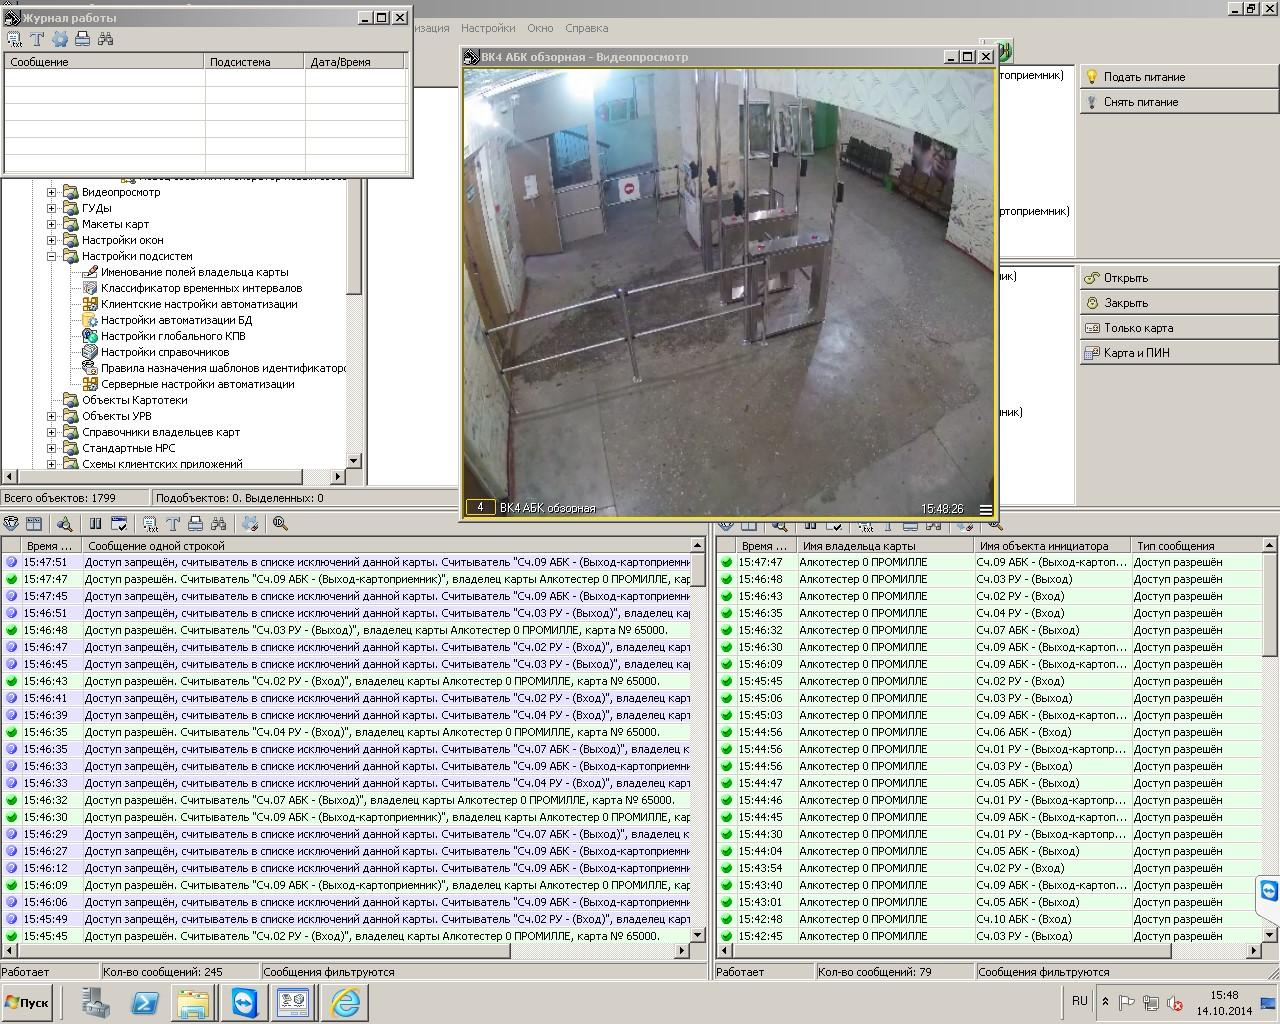 Интеграция алкотестеров в СКУД: программный интерфейс